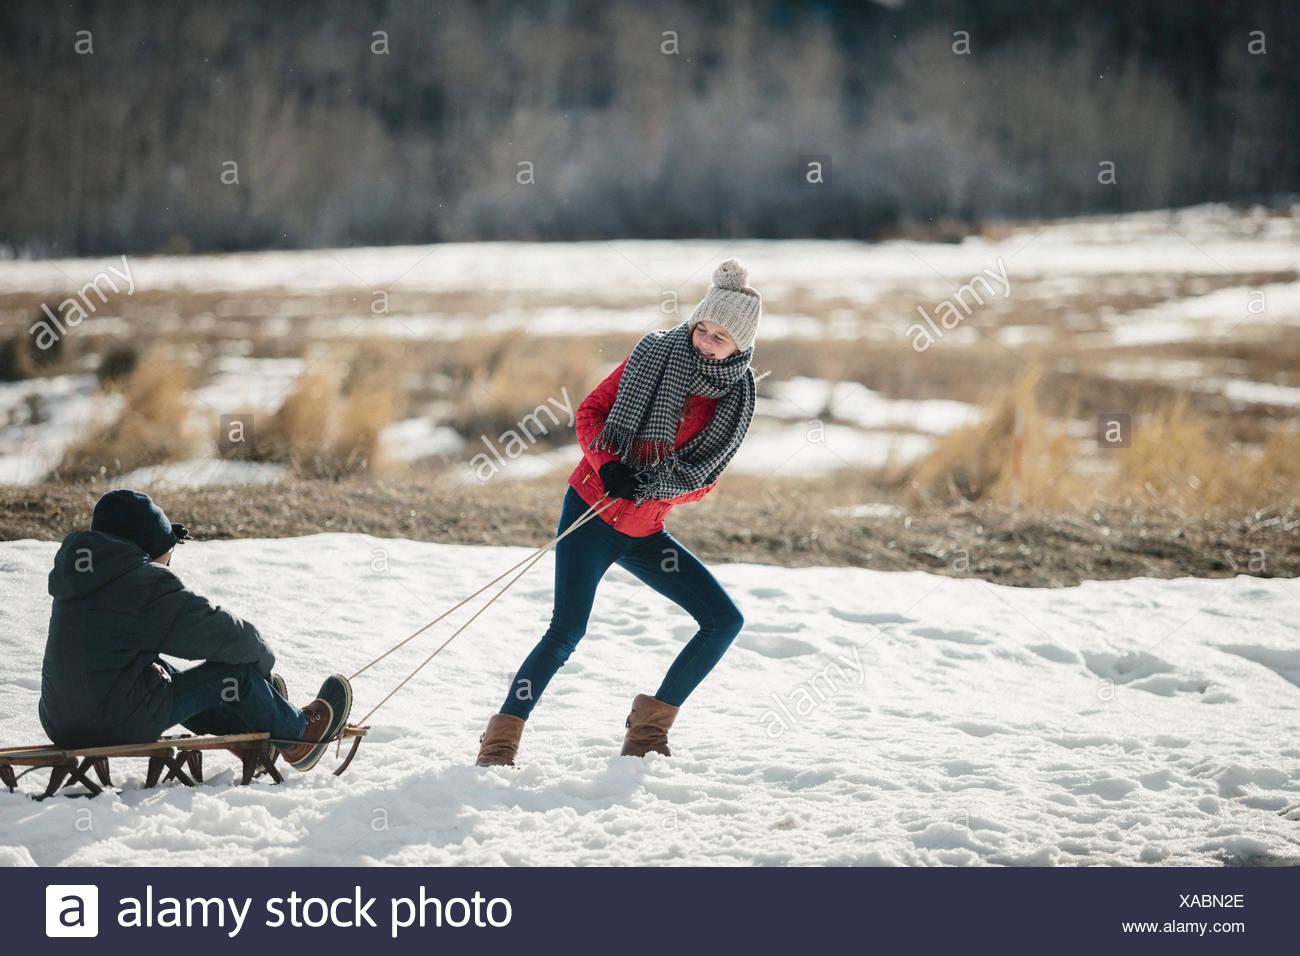 Bruder und Schwester im Schnee, einer den anderen auf einem Schlitten ziehen. Stockfoto